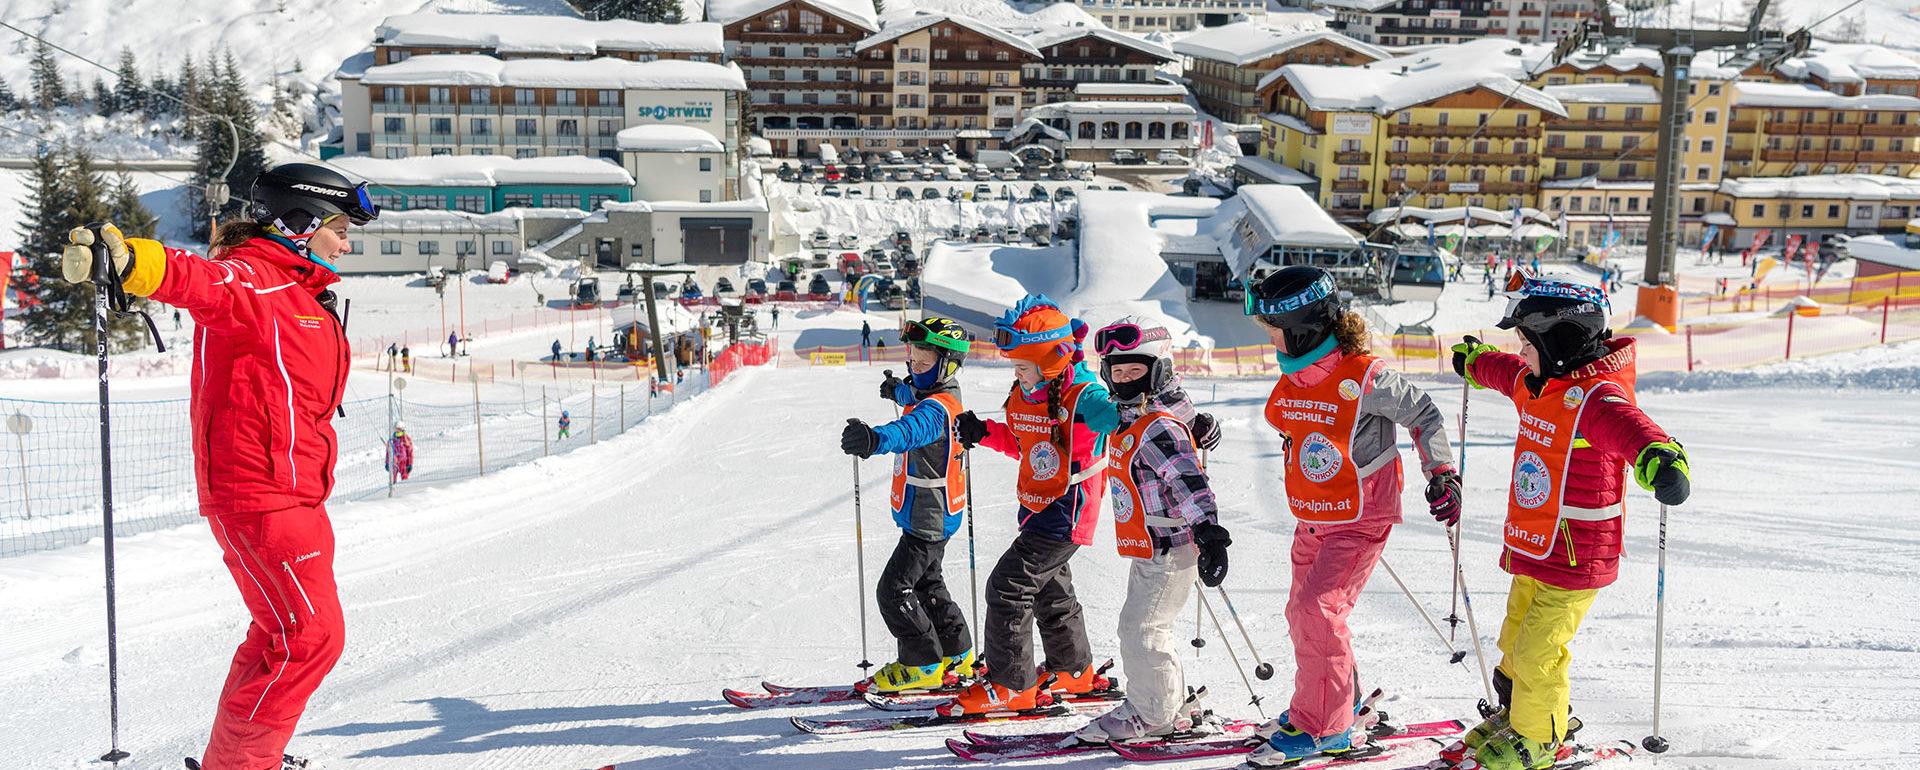 Skischule Walchhofer in Zauchensee